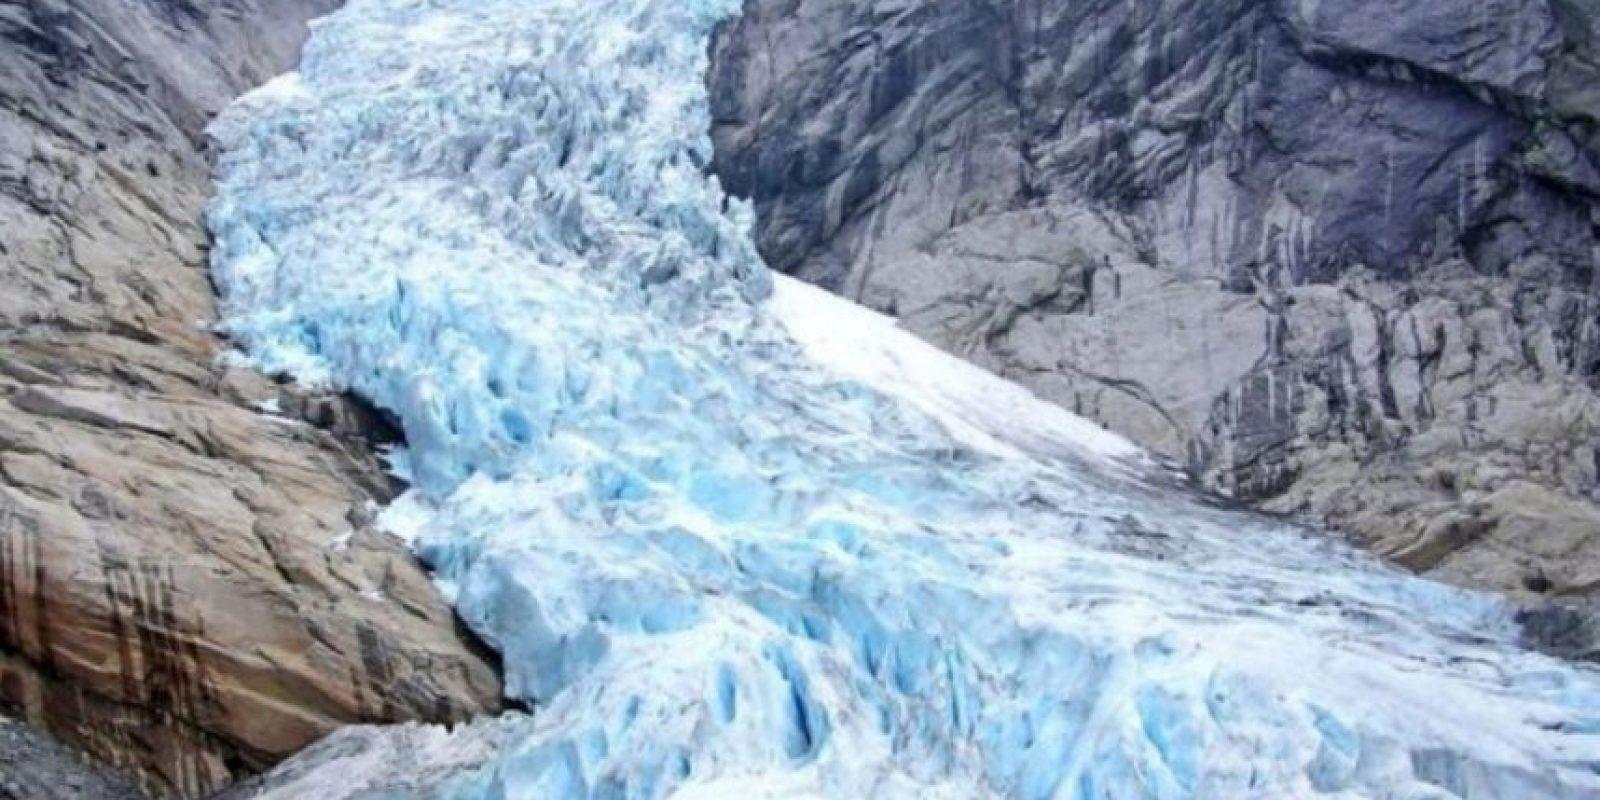 Robaron hielo glaciar para cocteles Foto:Wikipedia